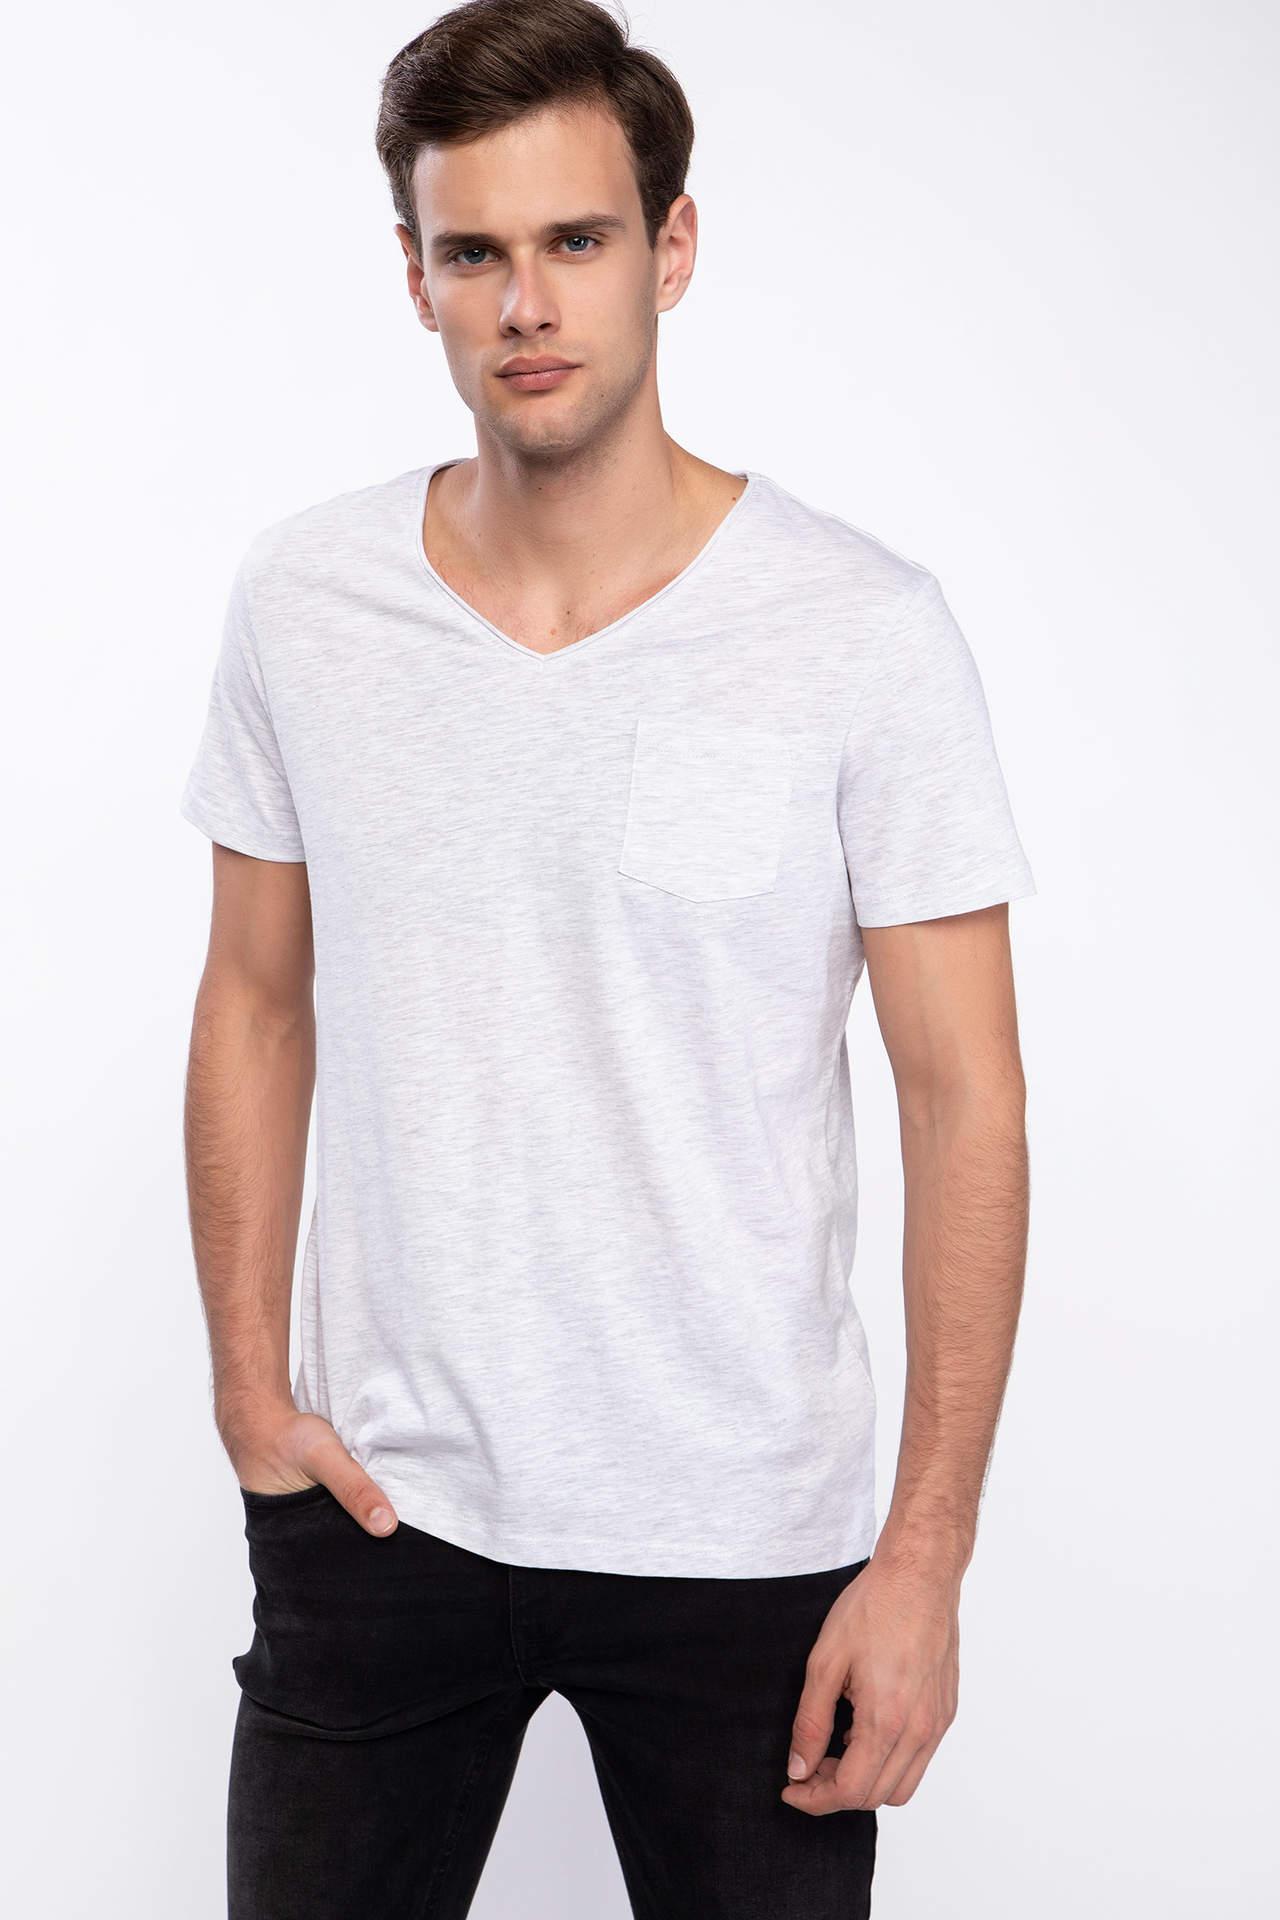 DeFacto Erkek Tek Cepli V Yaka Slim Fit T-shirt Gri male